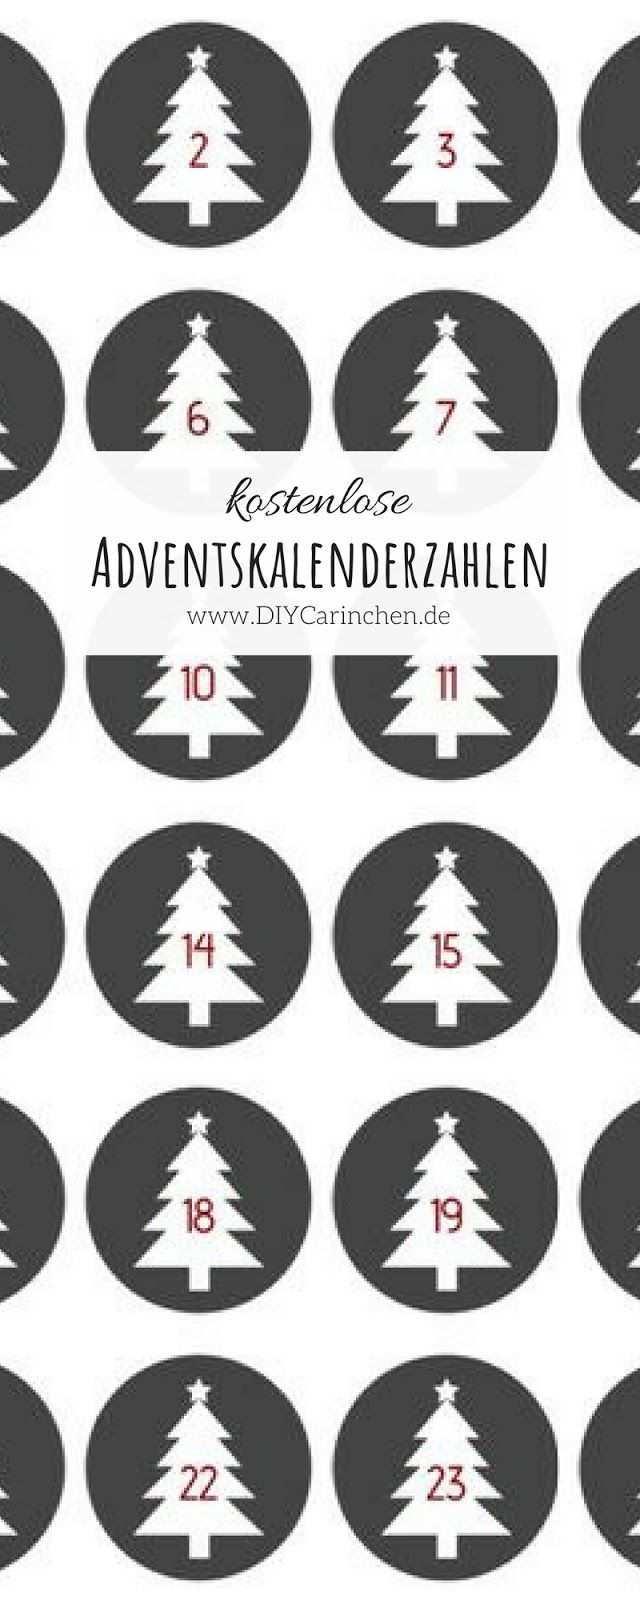 Diy Kostenlose Adventskalender Zahlen Als Pdf Zum Ausdrucken Adventkalender Adventskalender Zahlen Advent